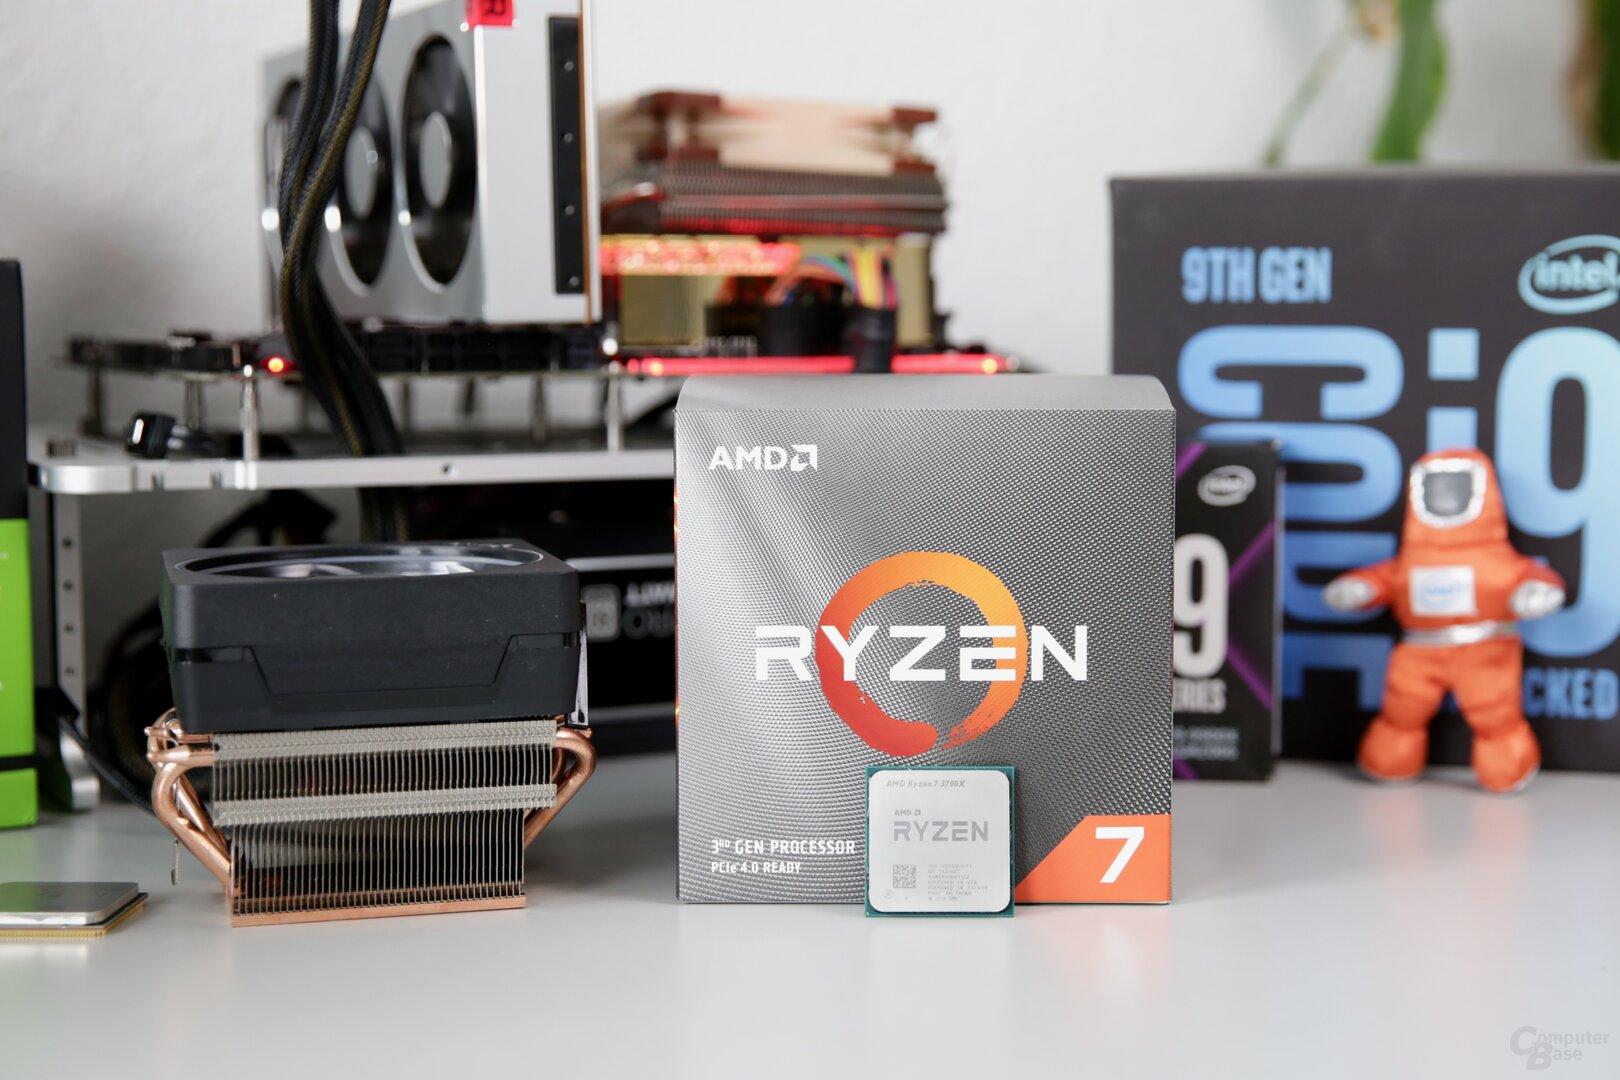 AMD Ryzen 7 3700X mit Boxed-Kühler Wraith Prism